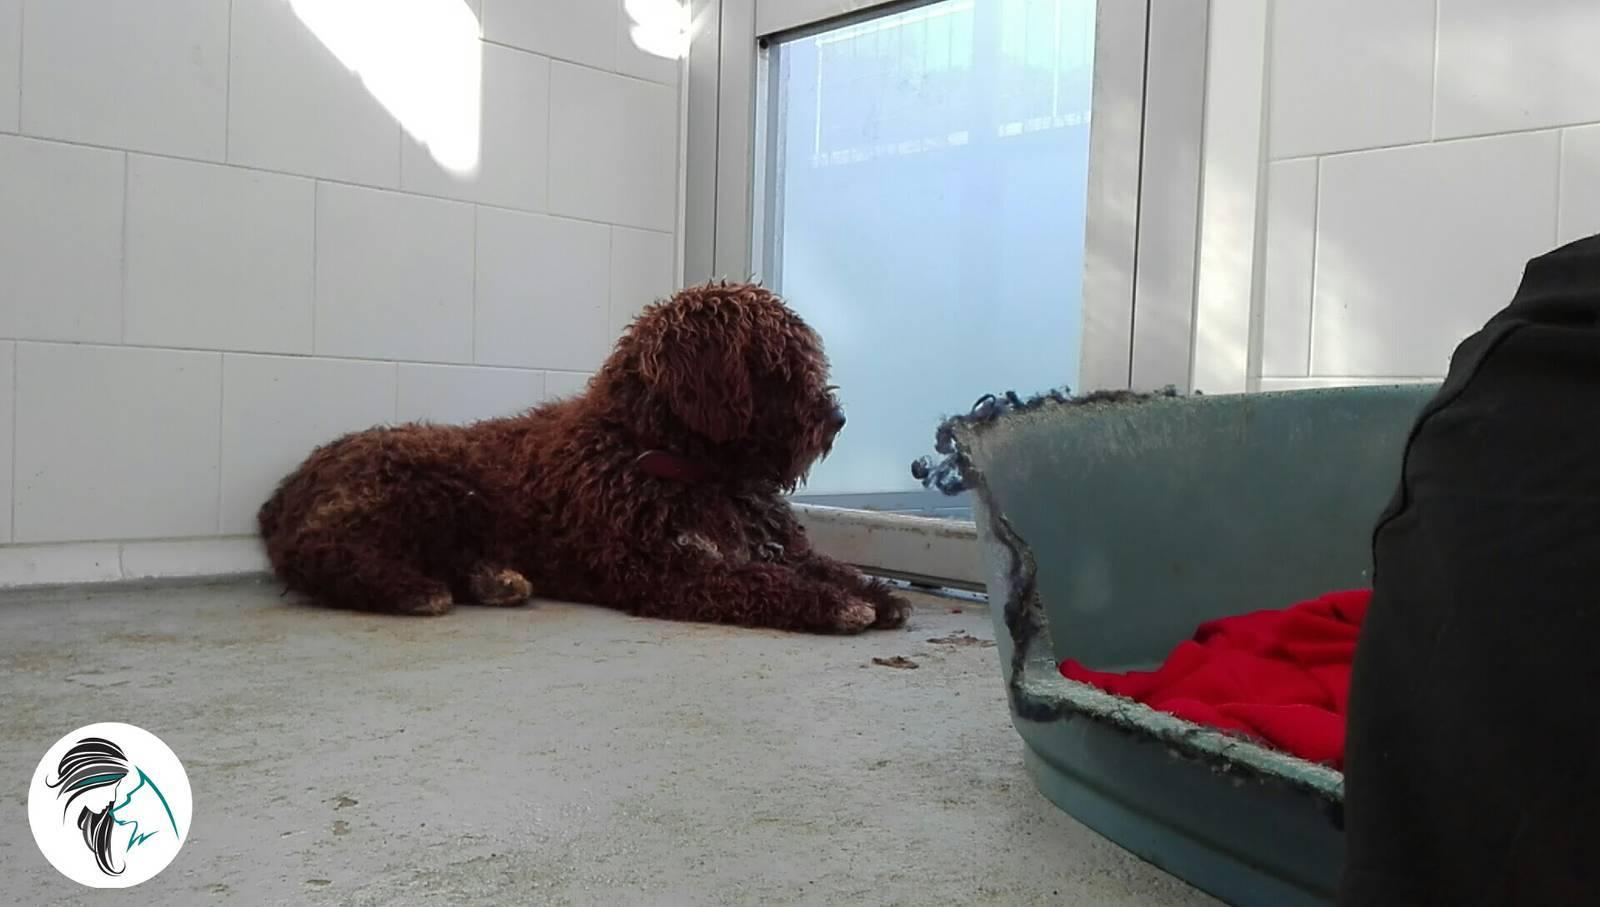 Comenzar con buen pie con un perro adoptado